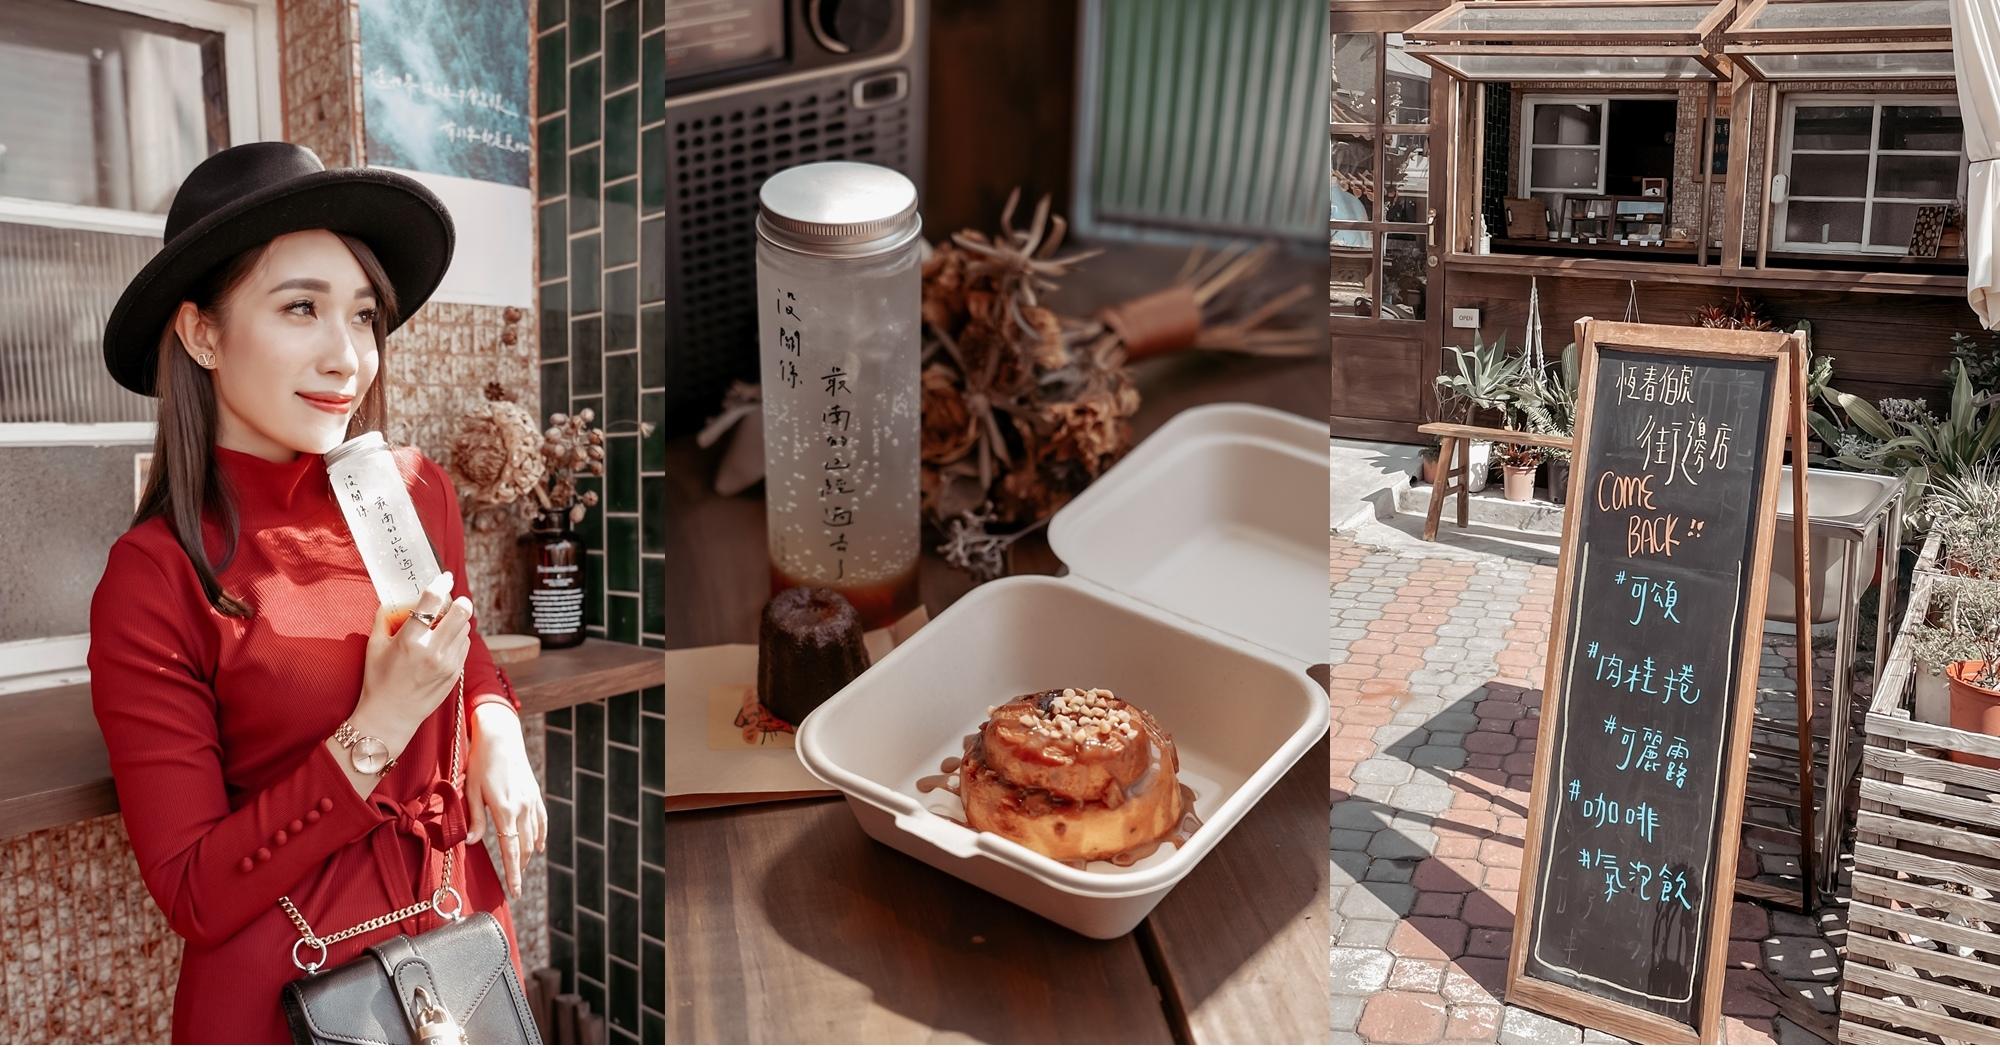 台南安平 伯虎在旗樓 街邊立食店專賣肉桂捲、可麗露、可頌甜點 伯虎在二樓街邊店.jpg